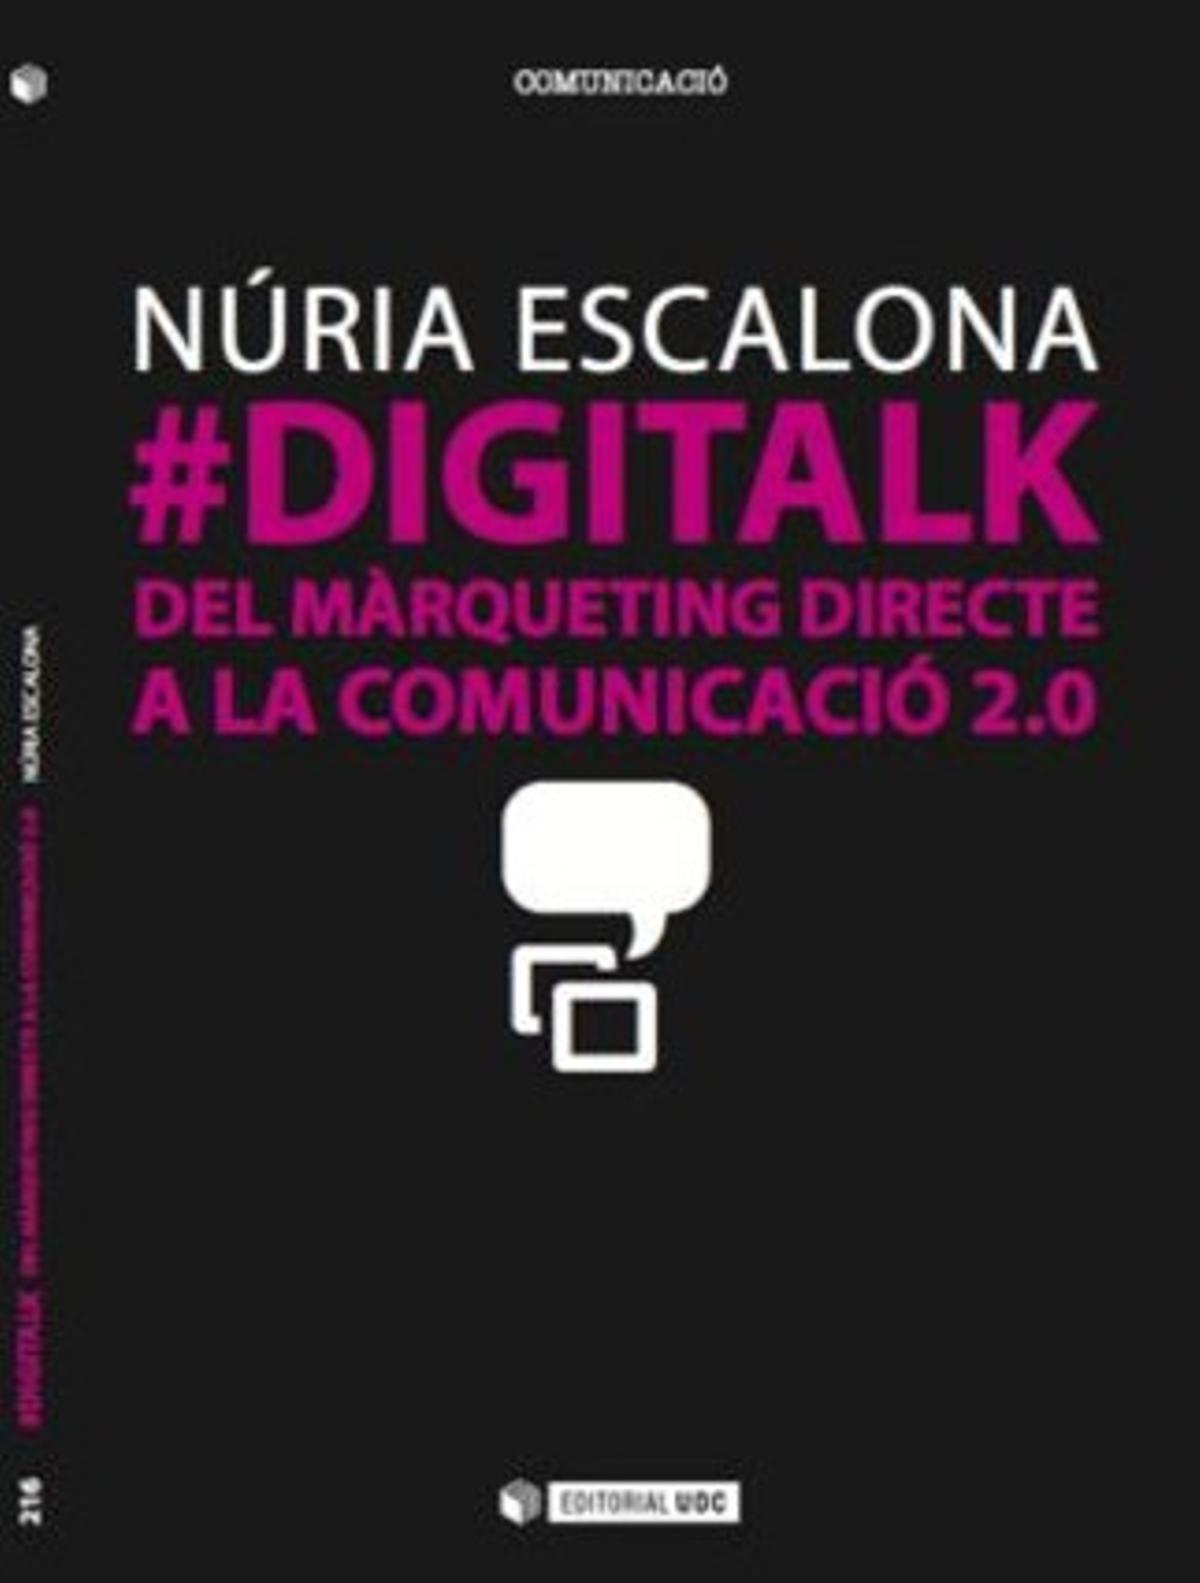 La publicista Núria Escalona publica el libro '#DIGITALK: Del màrqueting directe a la comunicació 2.0'.